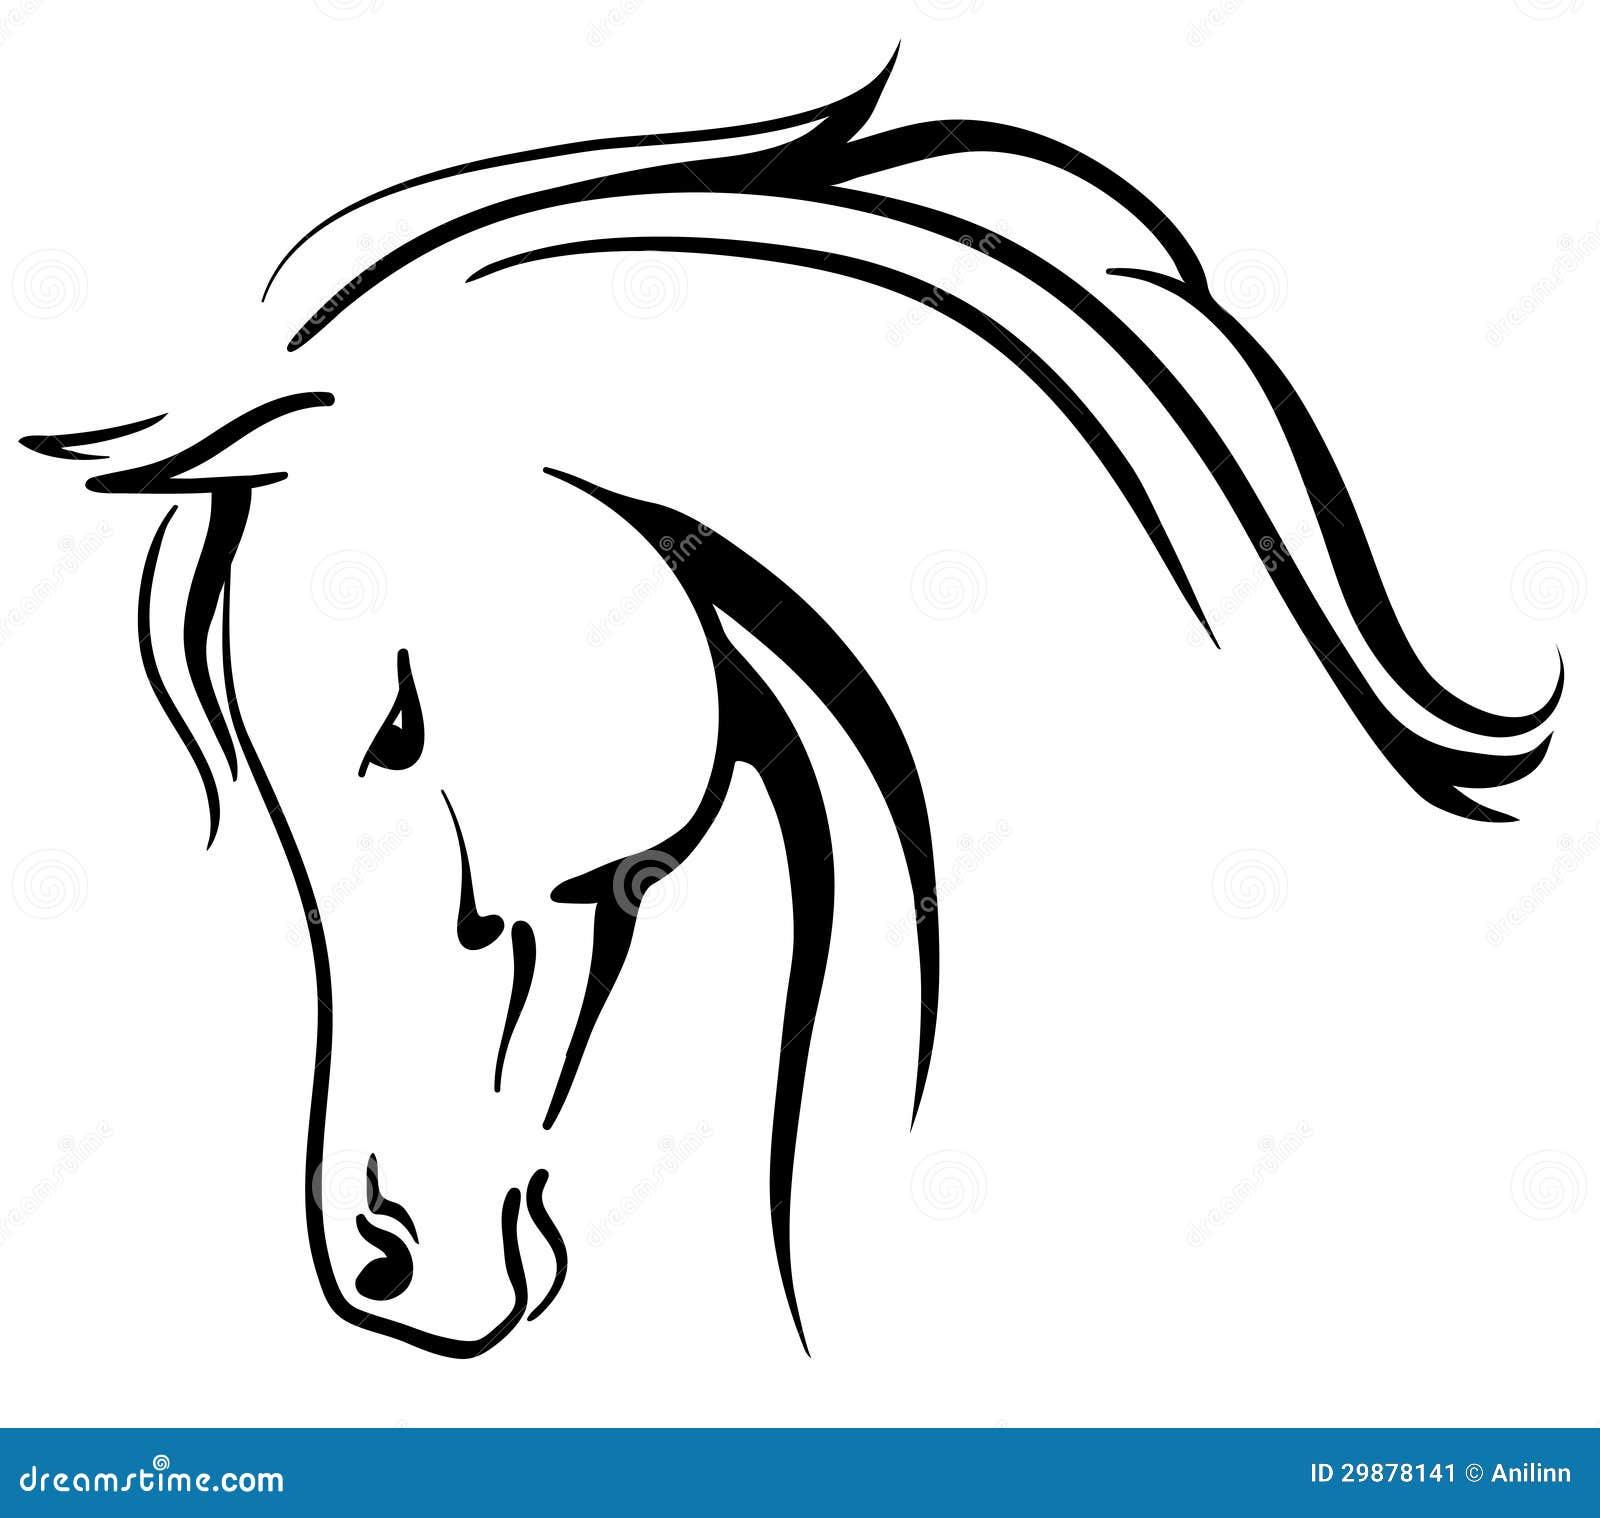 Disegni Da Colorare Testa Di Cavallo.Testa Stilizzata Cavallo Arabo Illustrazioni Vettoriali E Clipart Stock 21 Illustrazioni Stock